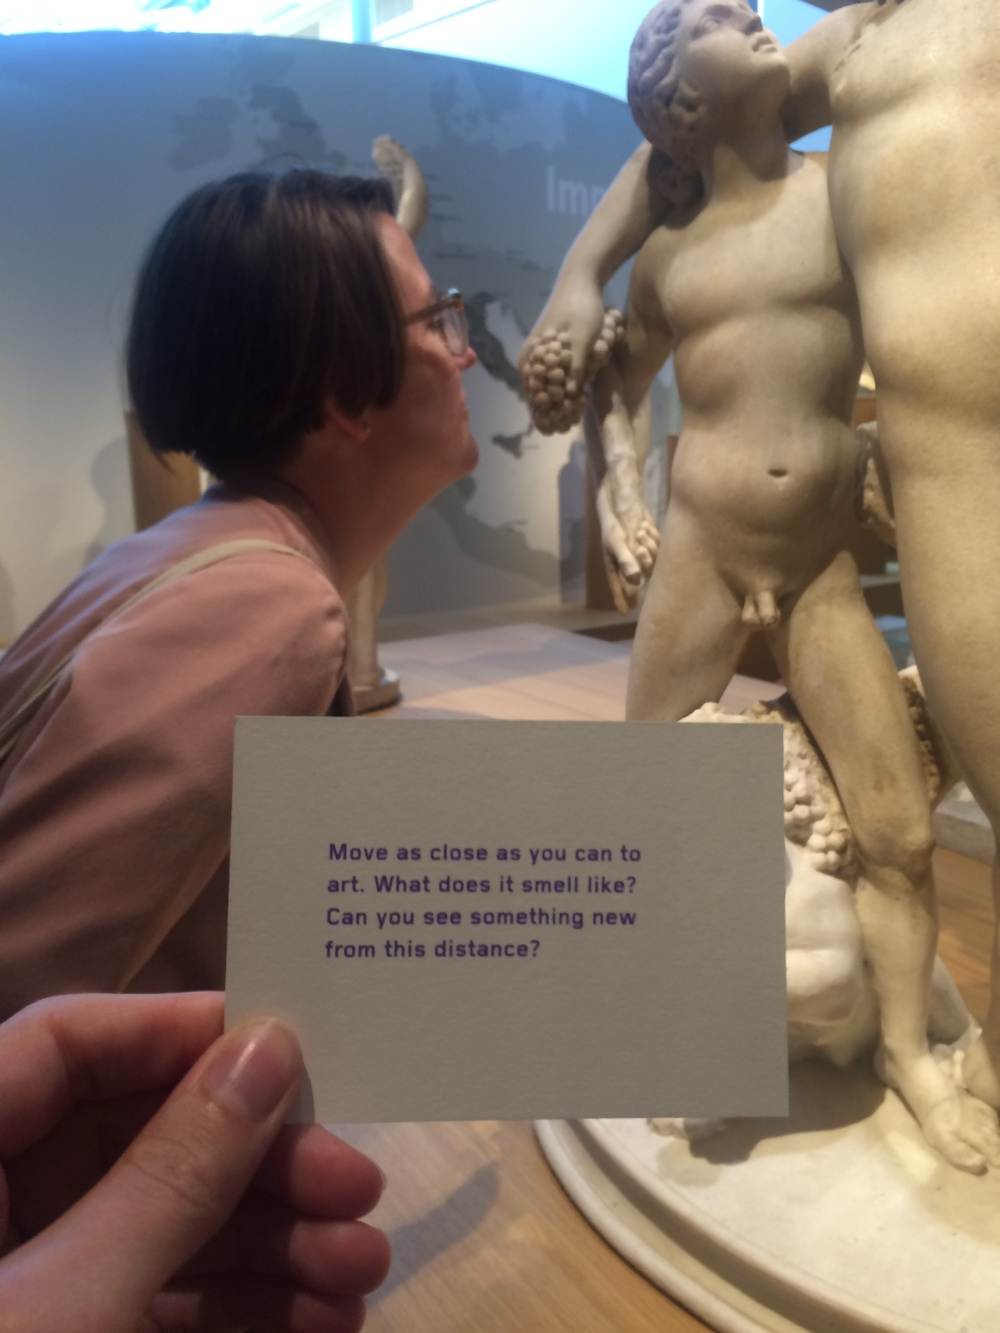 Rijksmuseum van Oudheden, An Art Guide - De Museumpodcast